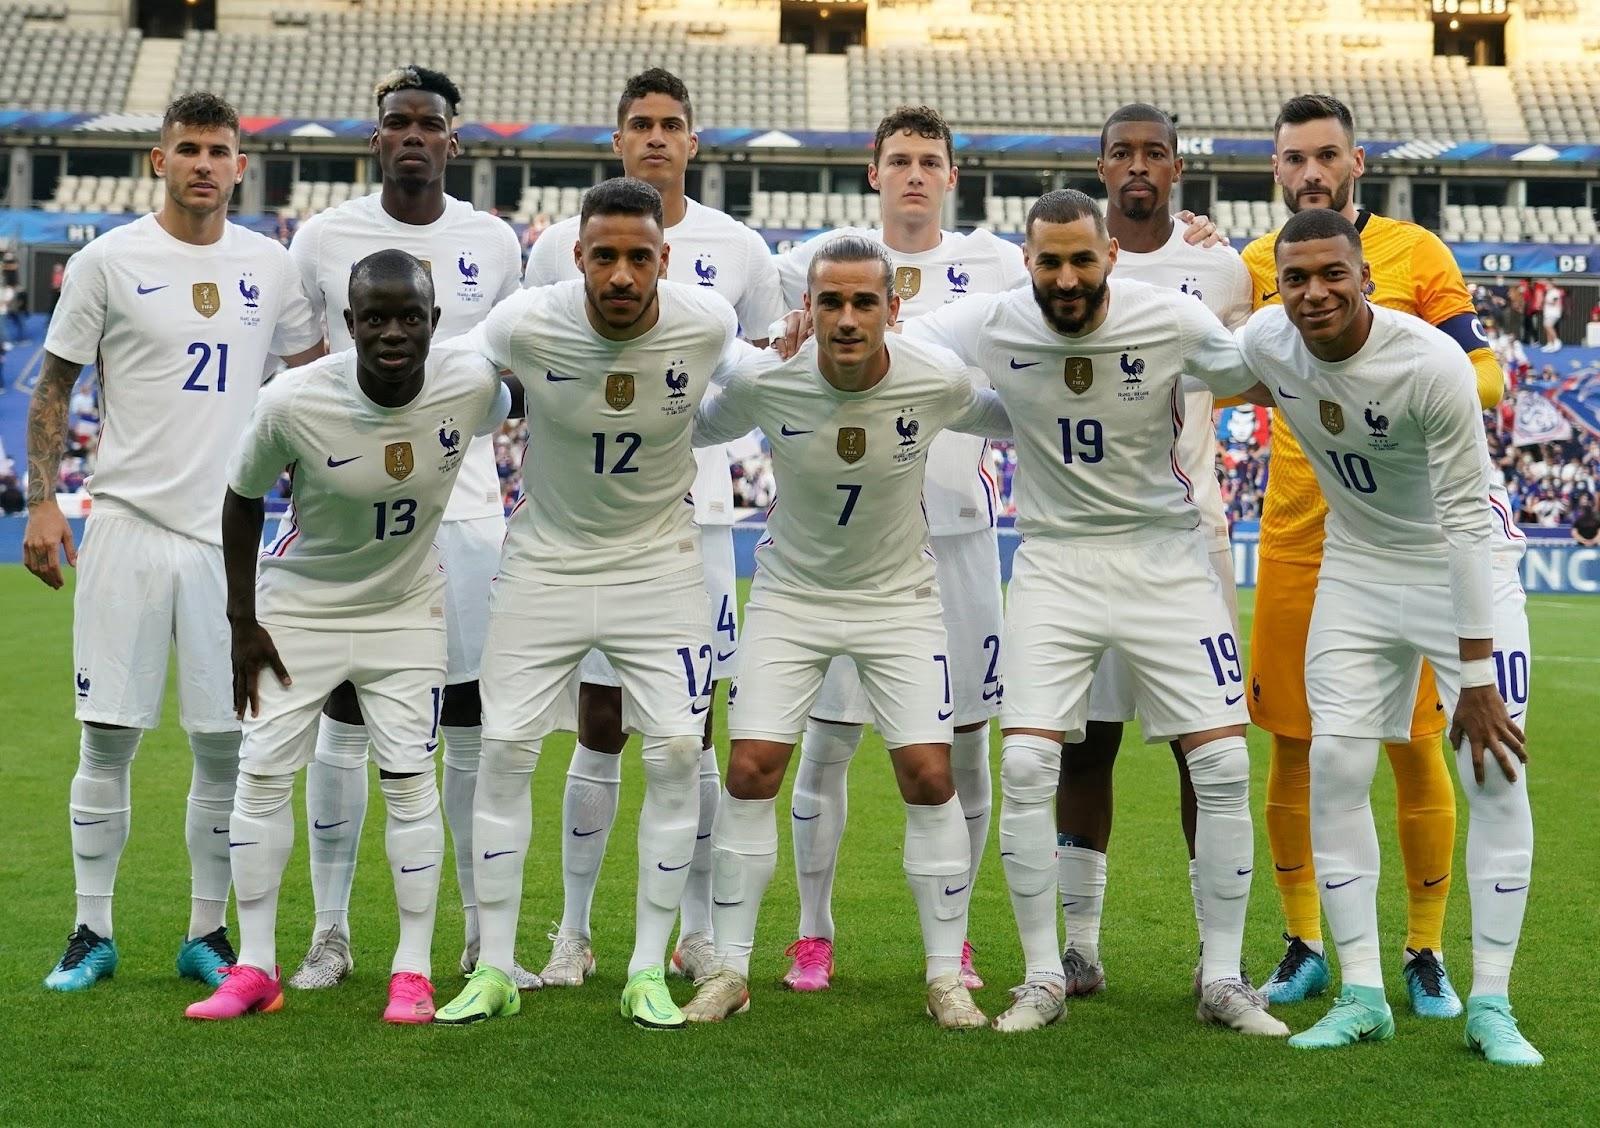 تشكيلة فرنسا المتوقعة ضد اسبانيا في نهائي دوري الامم الأوروبية